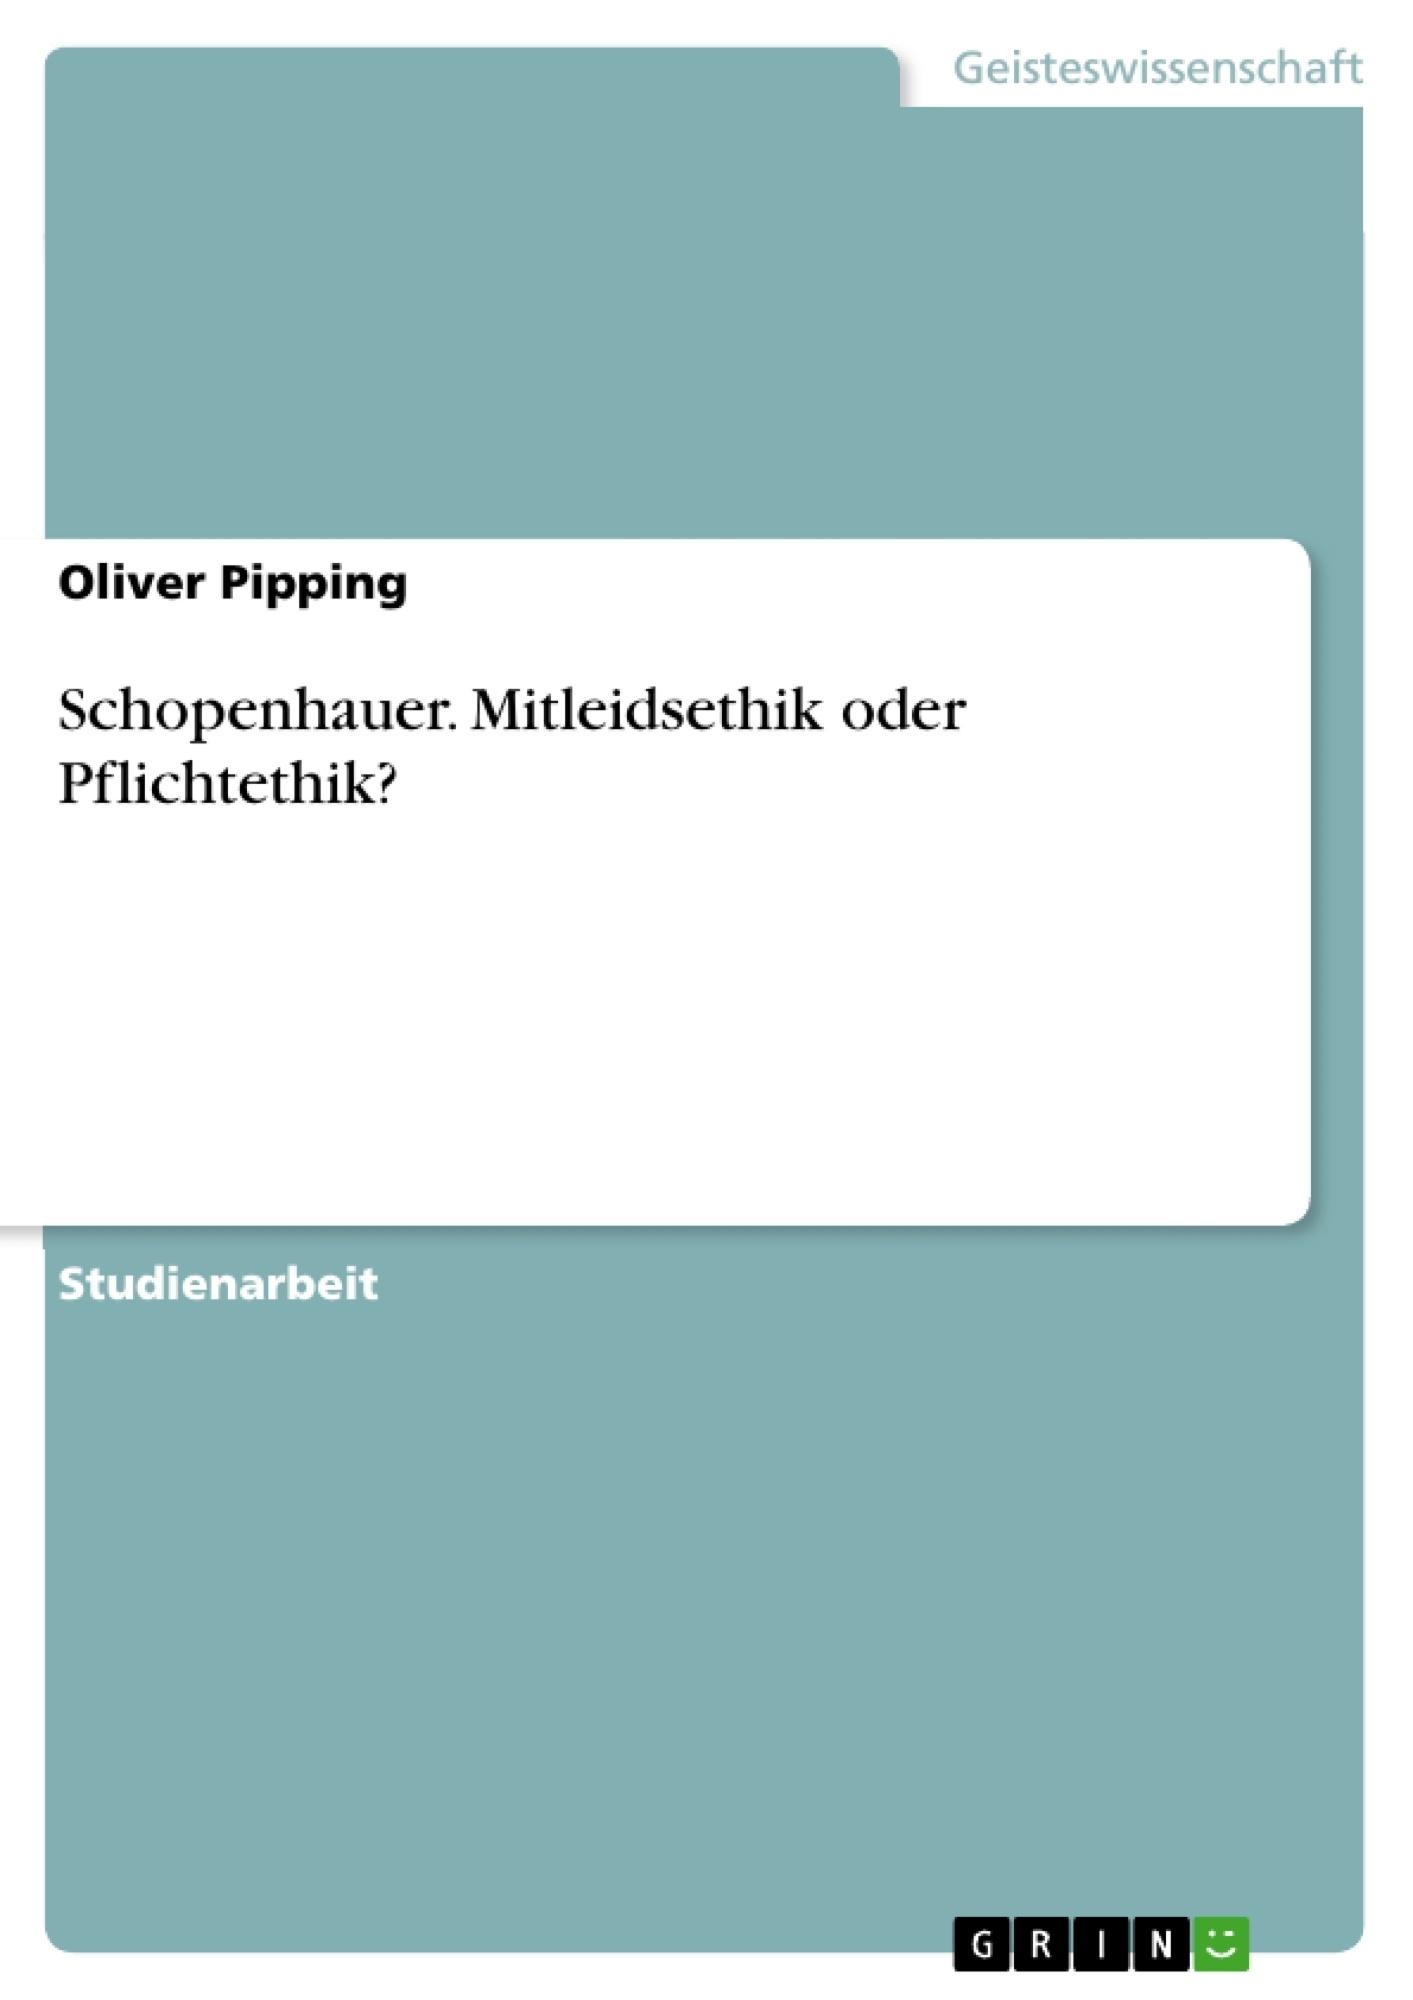 Titel: Schopenhauer. Mitleidsethik oder Pflichtethik?